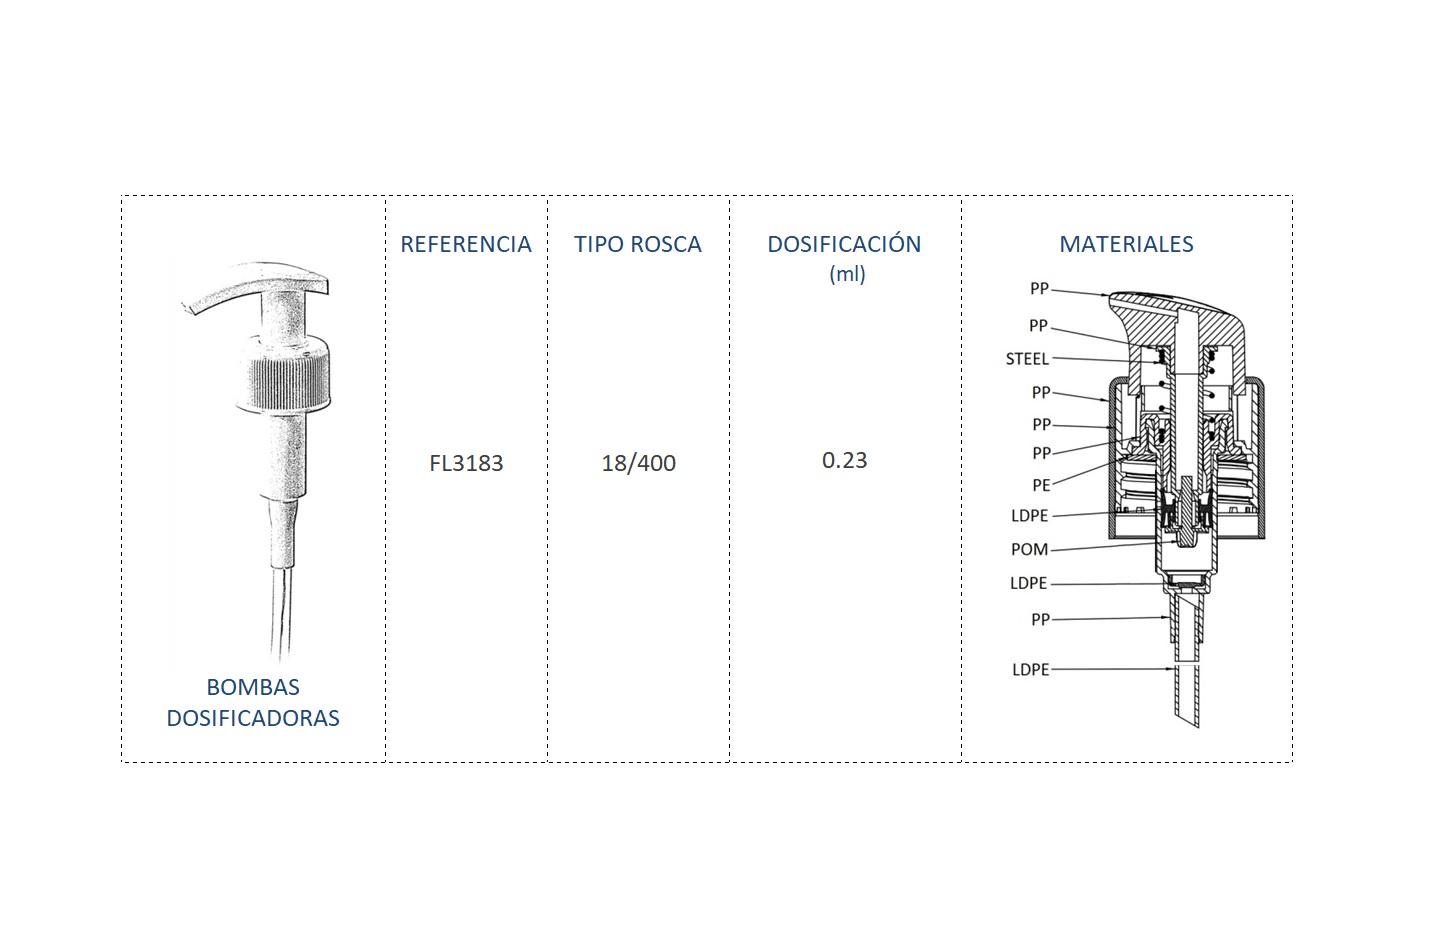 Cuadro materiales bomba dosificadora FL3183 18/400